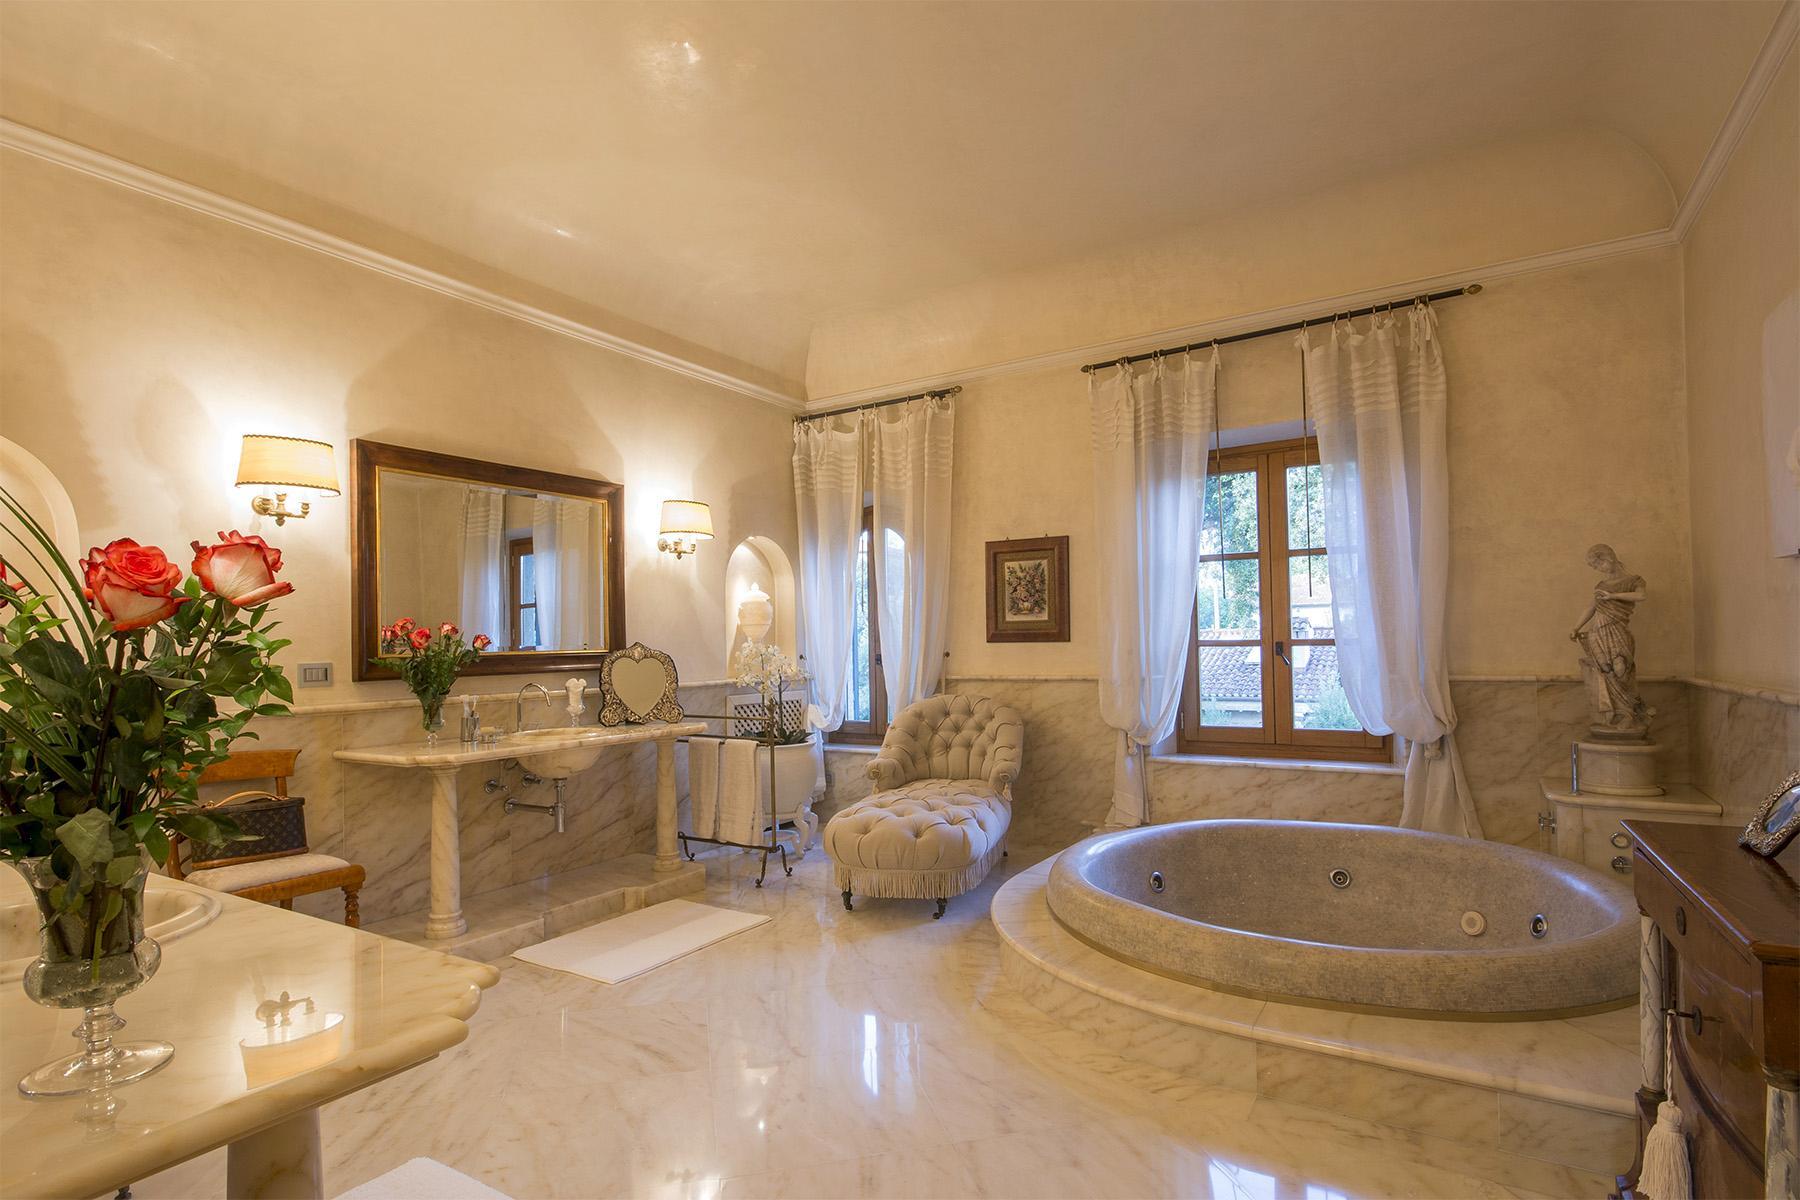 坐落在Marina di Pietrasanta的宏伟建筑 - 39